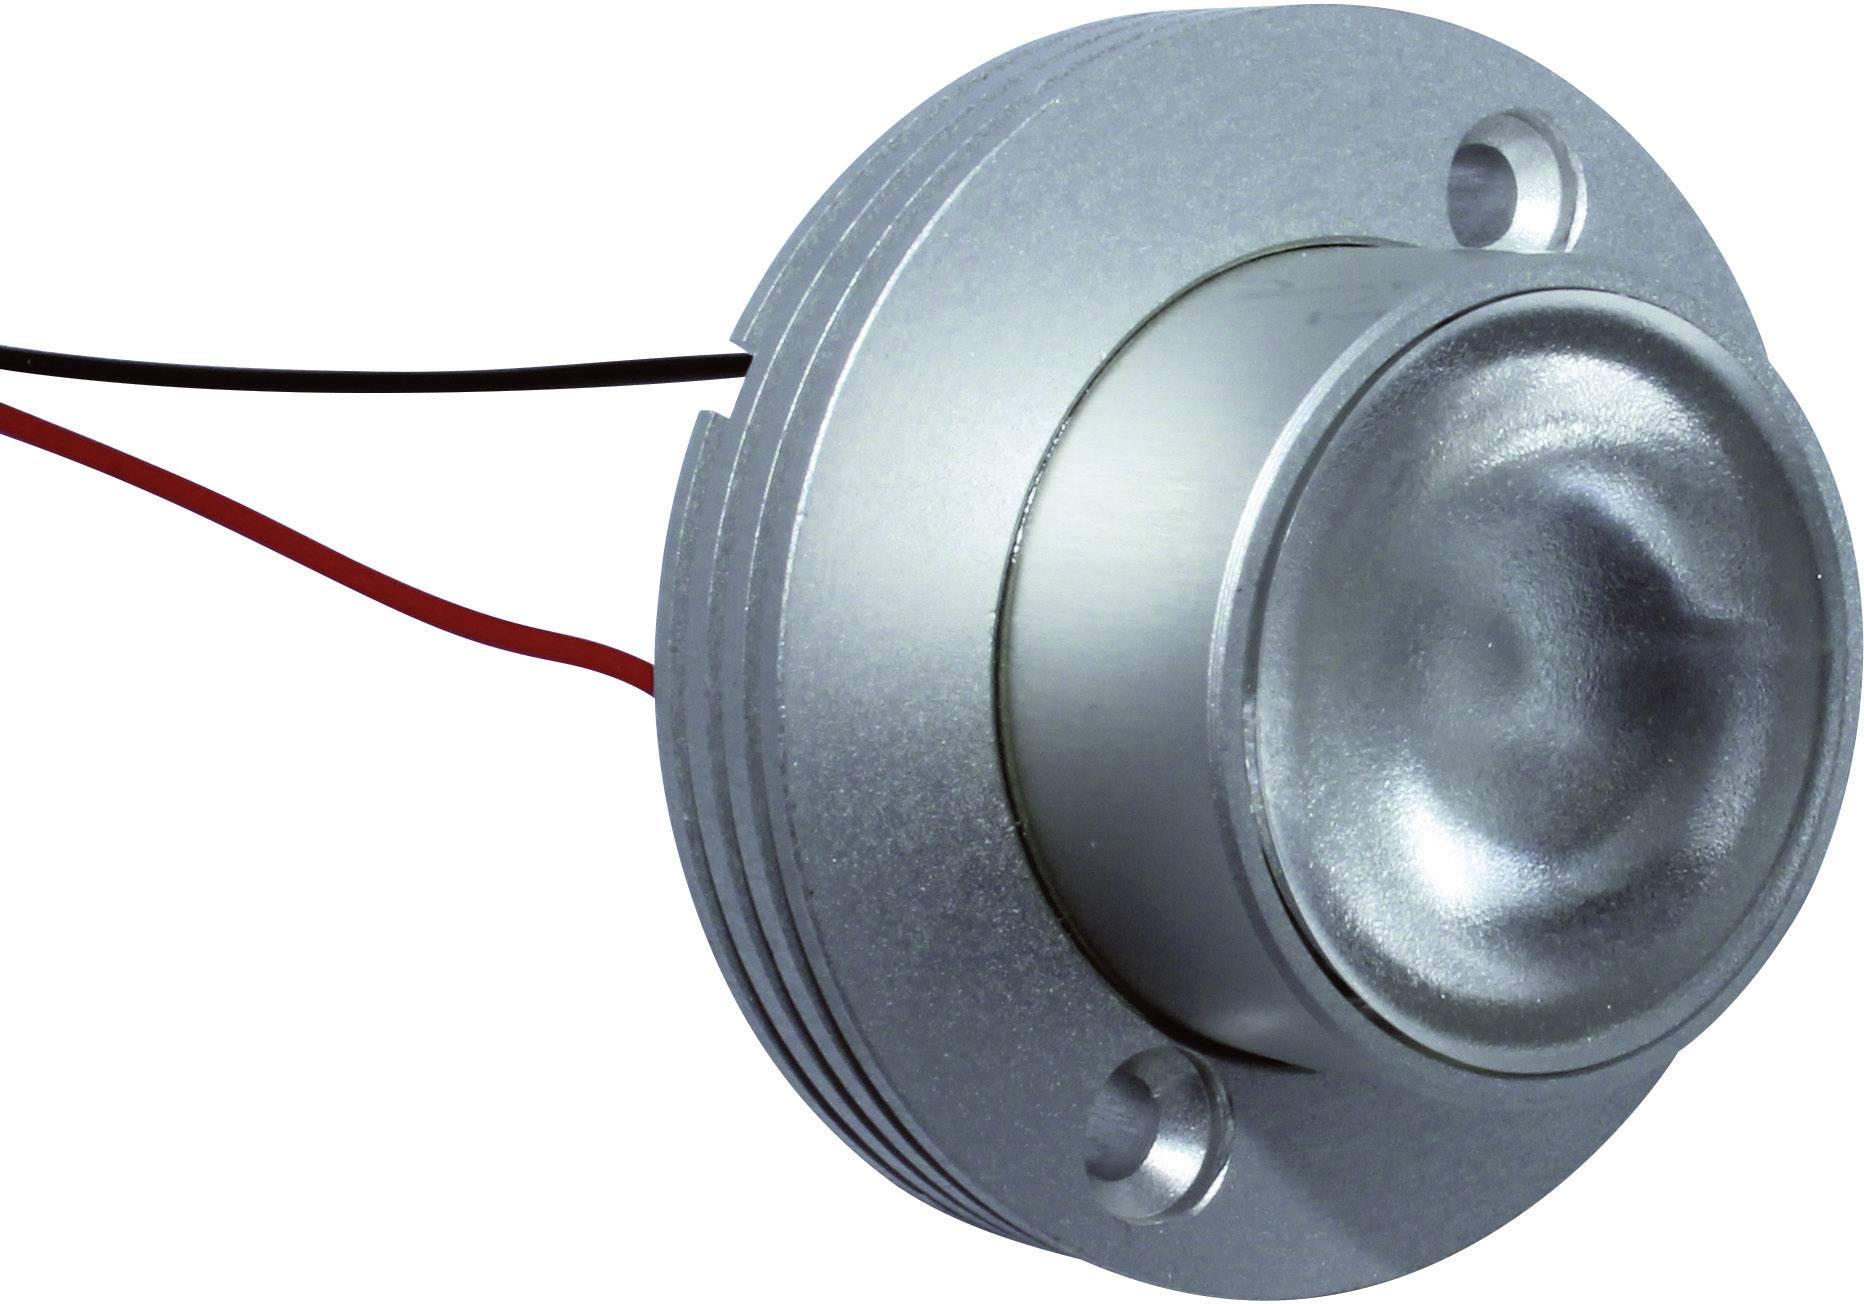 HighPower LED-spot Signal Construct QAUR1341L030, 30 °, 30 lm, 1 W, 3.3 V, modrá